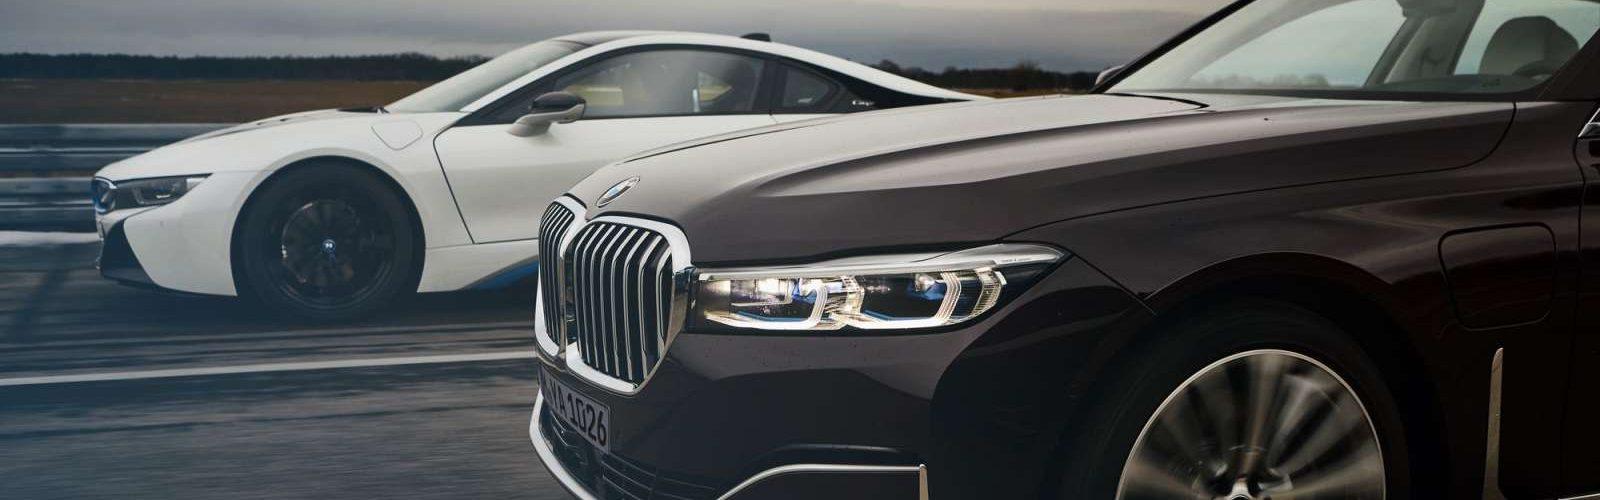 BMW Salon de Geneve Titre